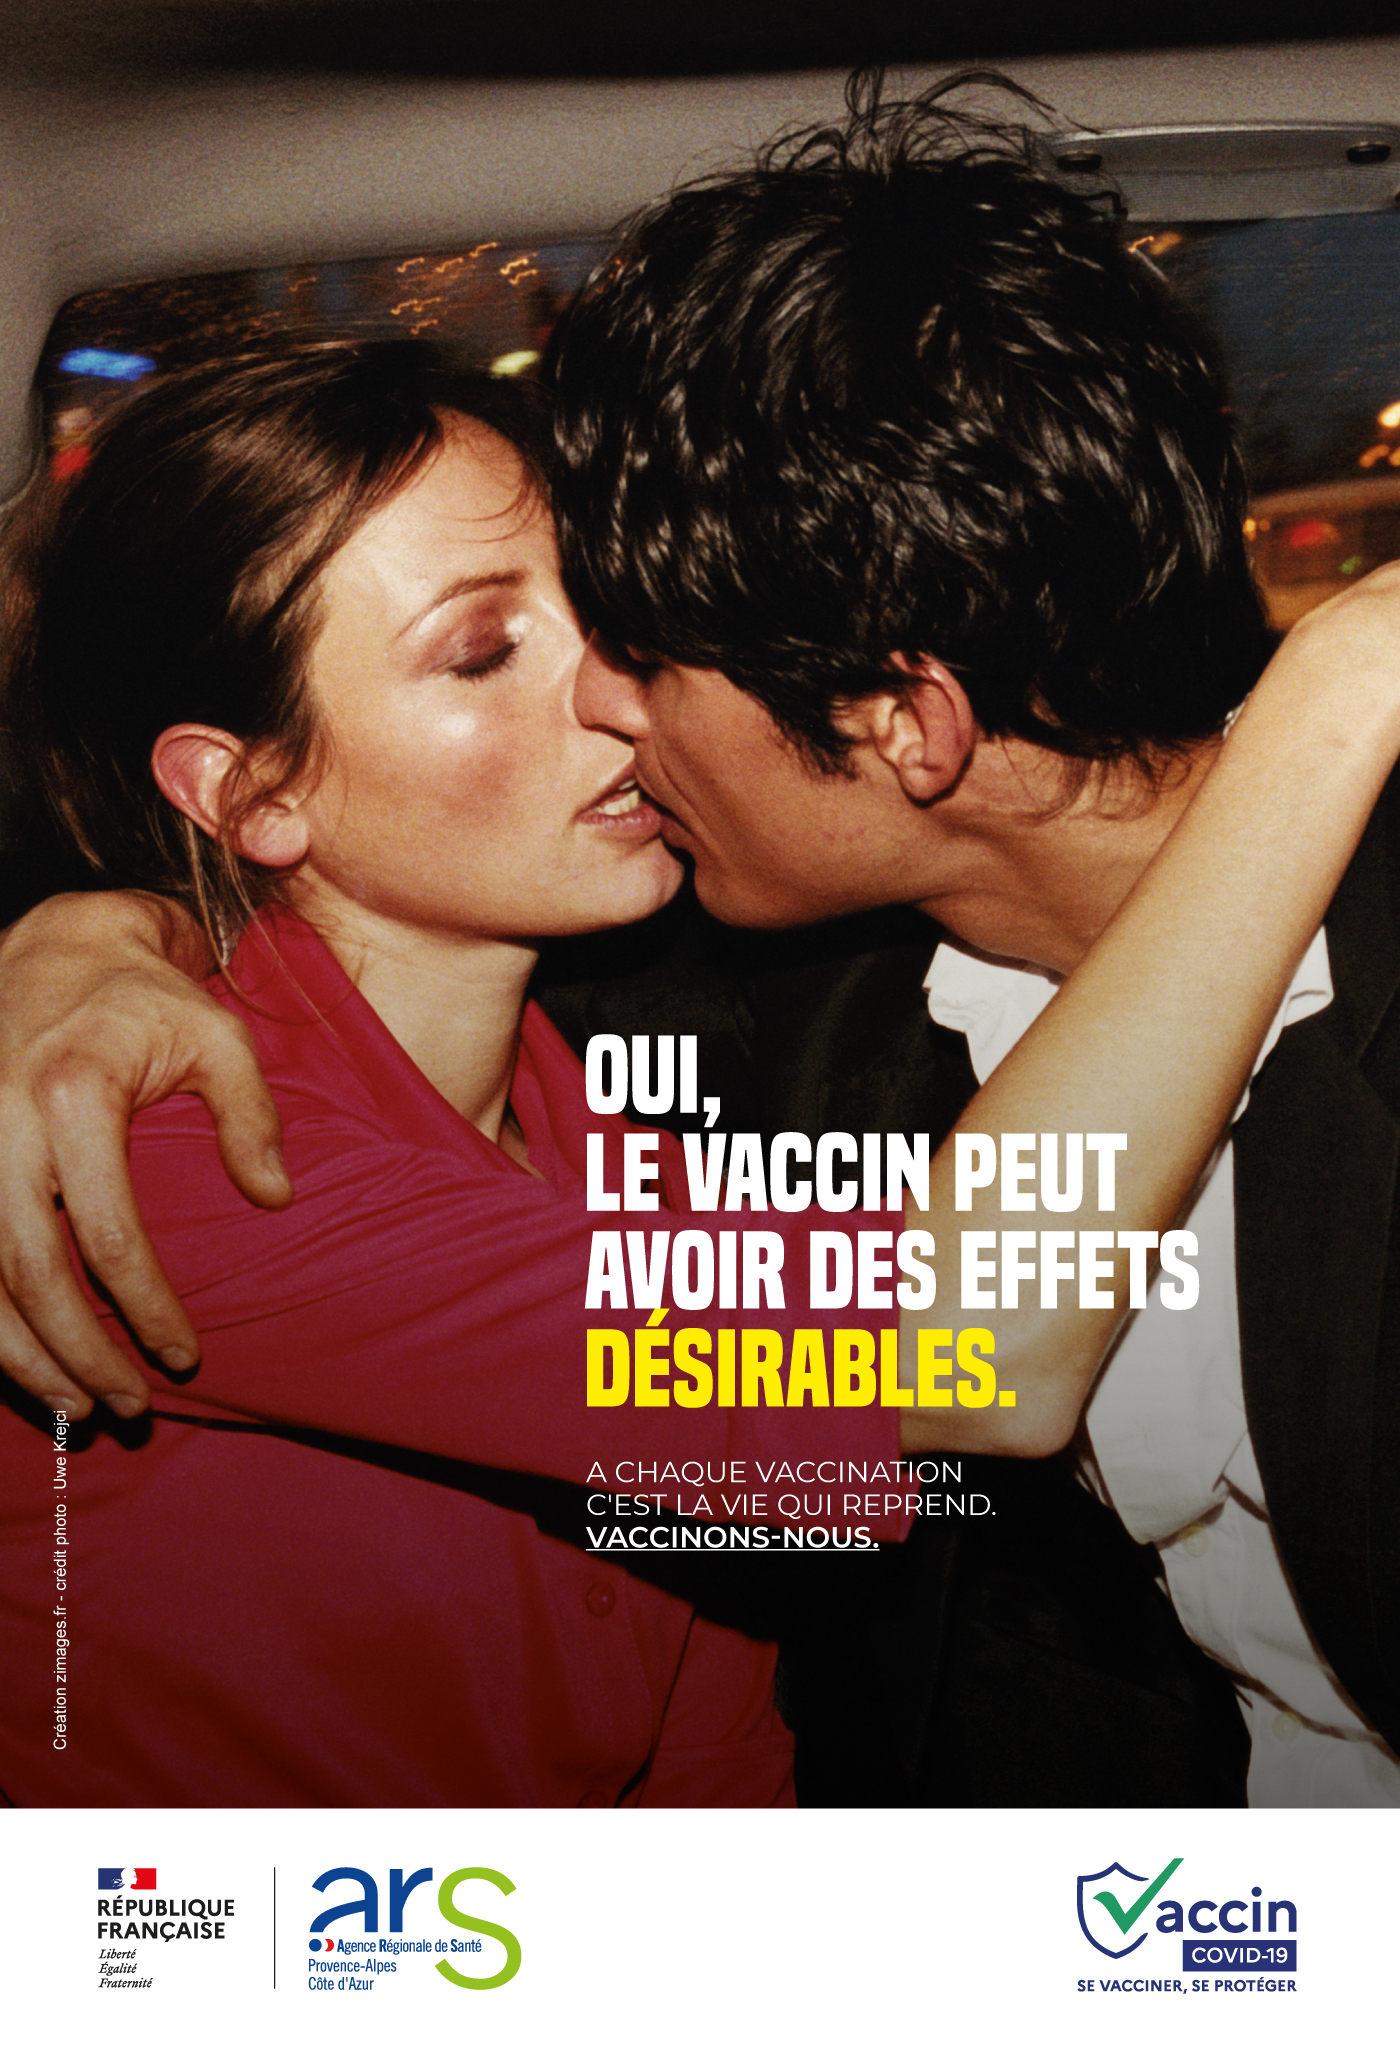 Ha beoltatod magad, többet dughatsz - üzeni egy friss francia közegészségügyi plakátkampány